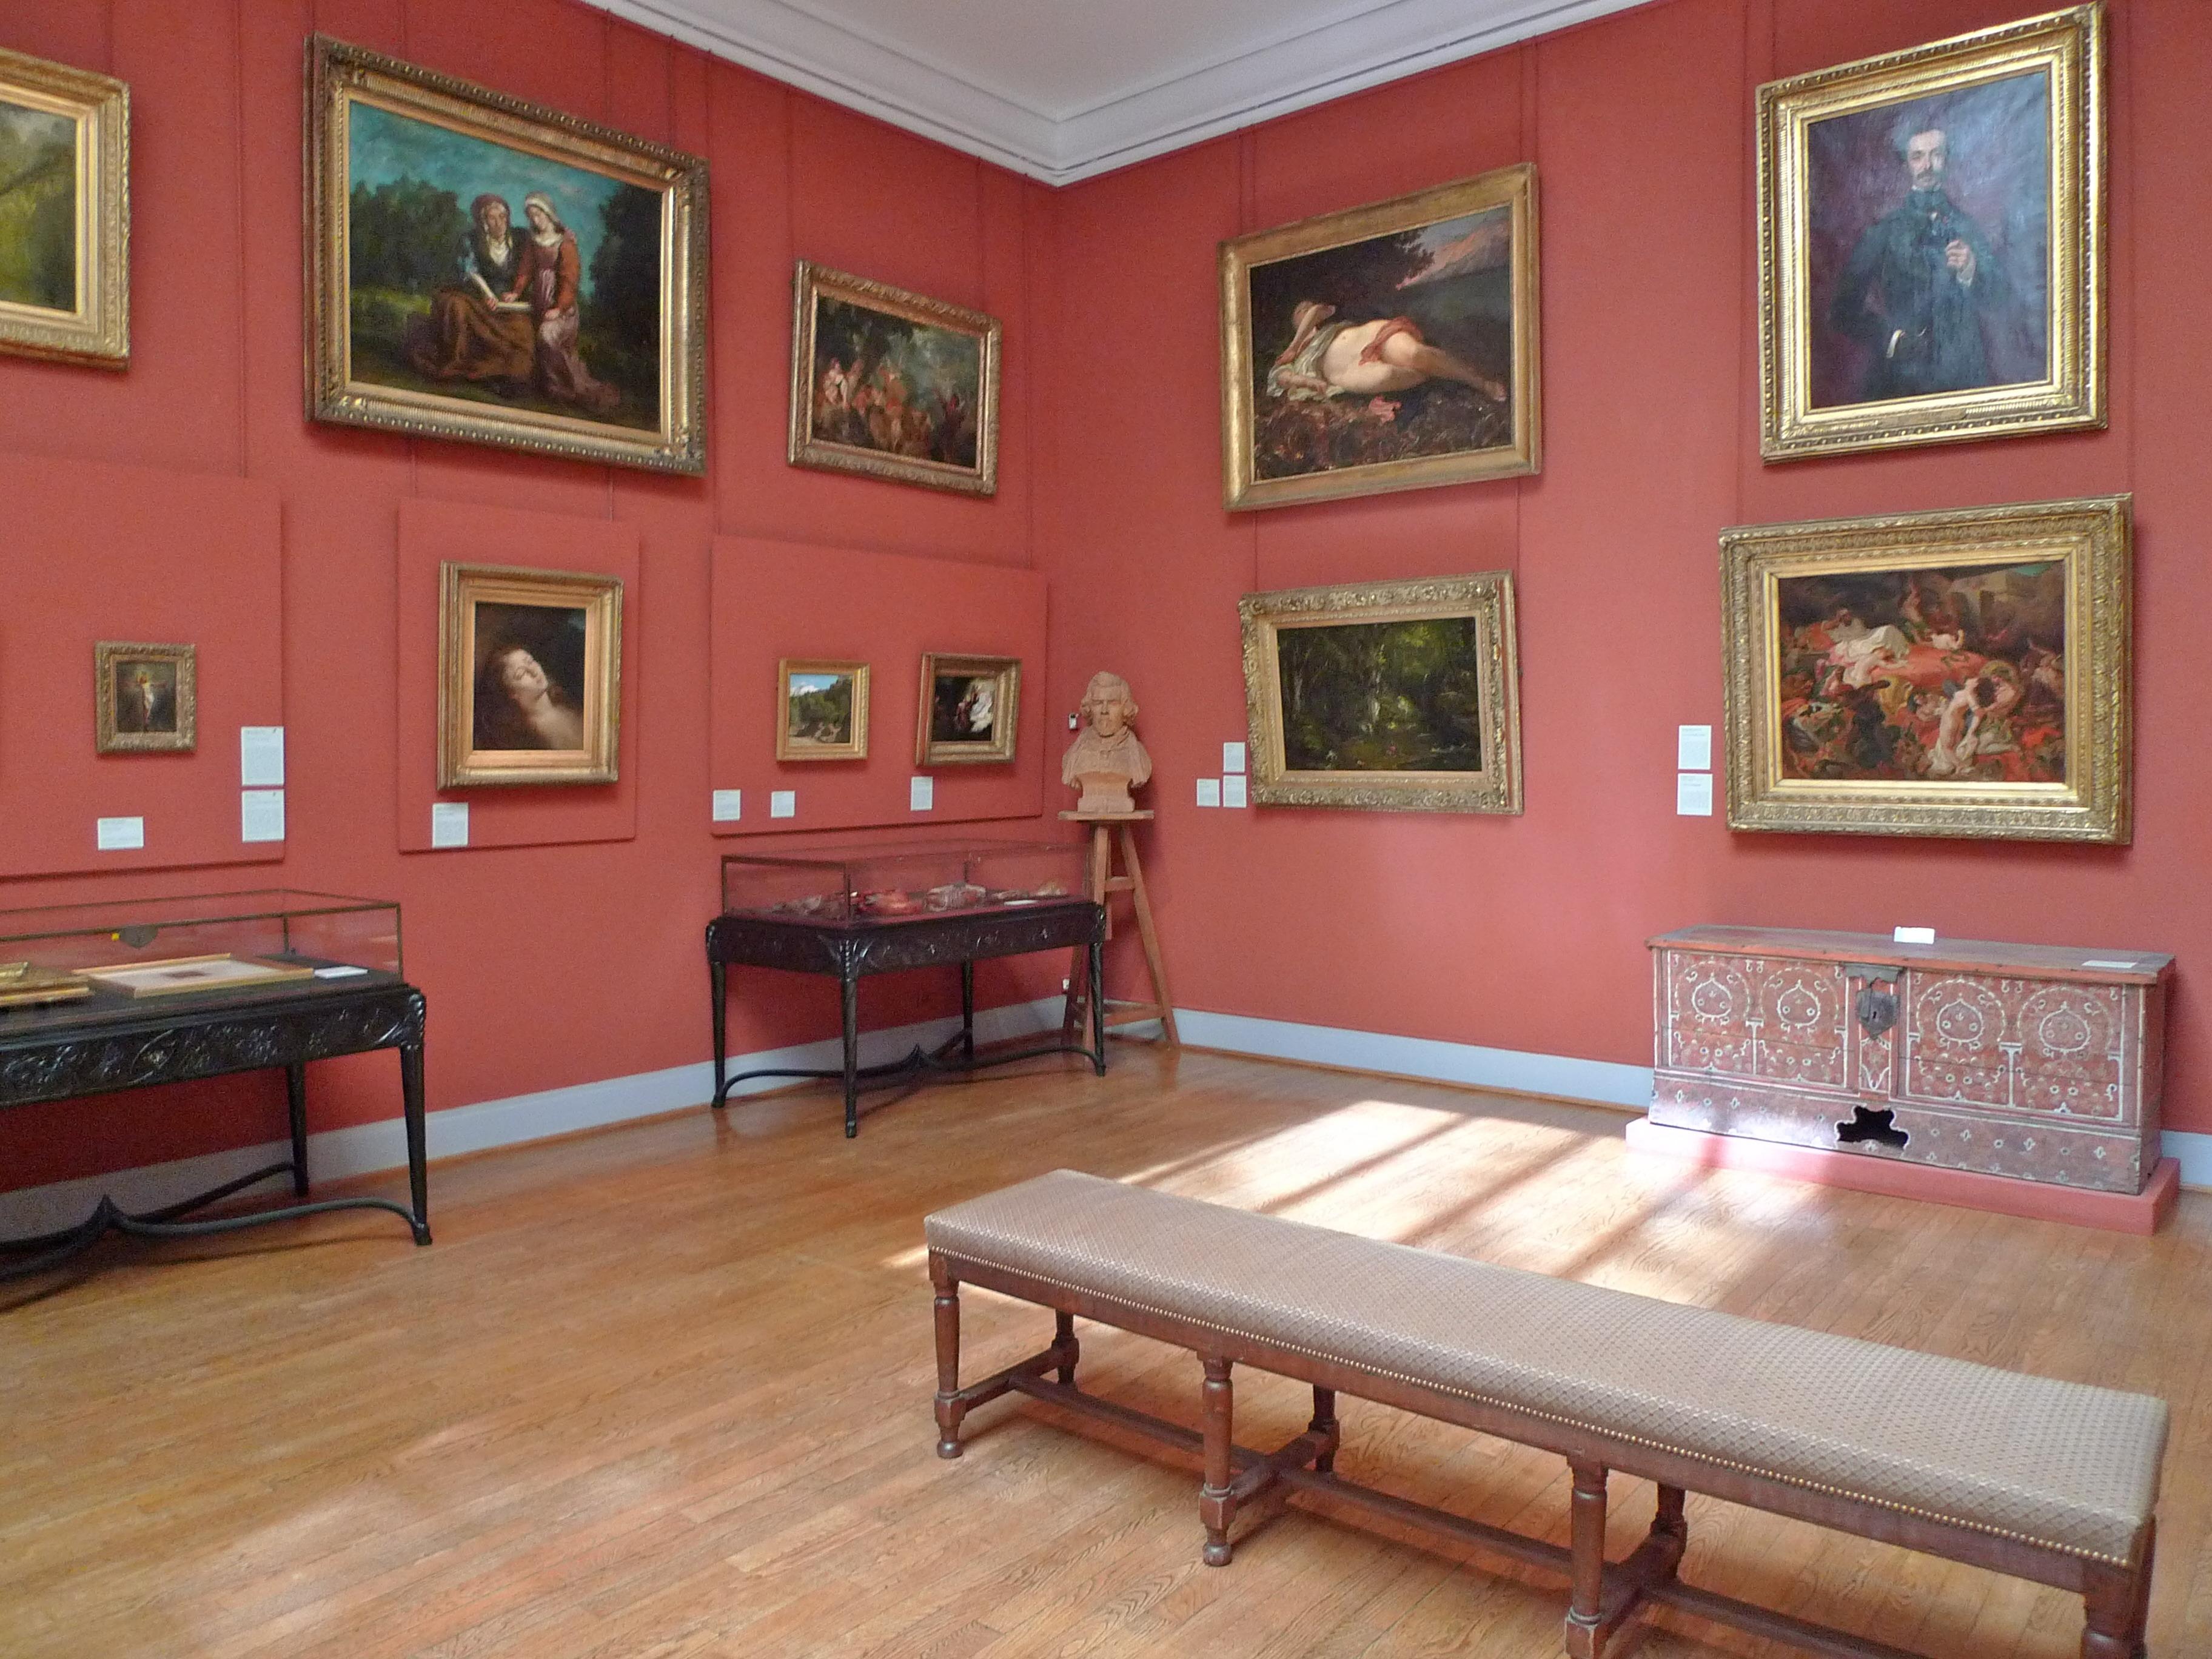 The Musée Eugène Delacroix